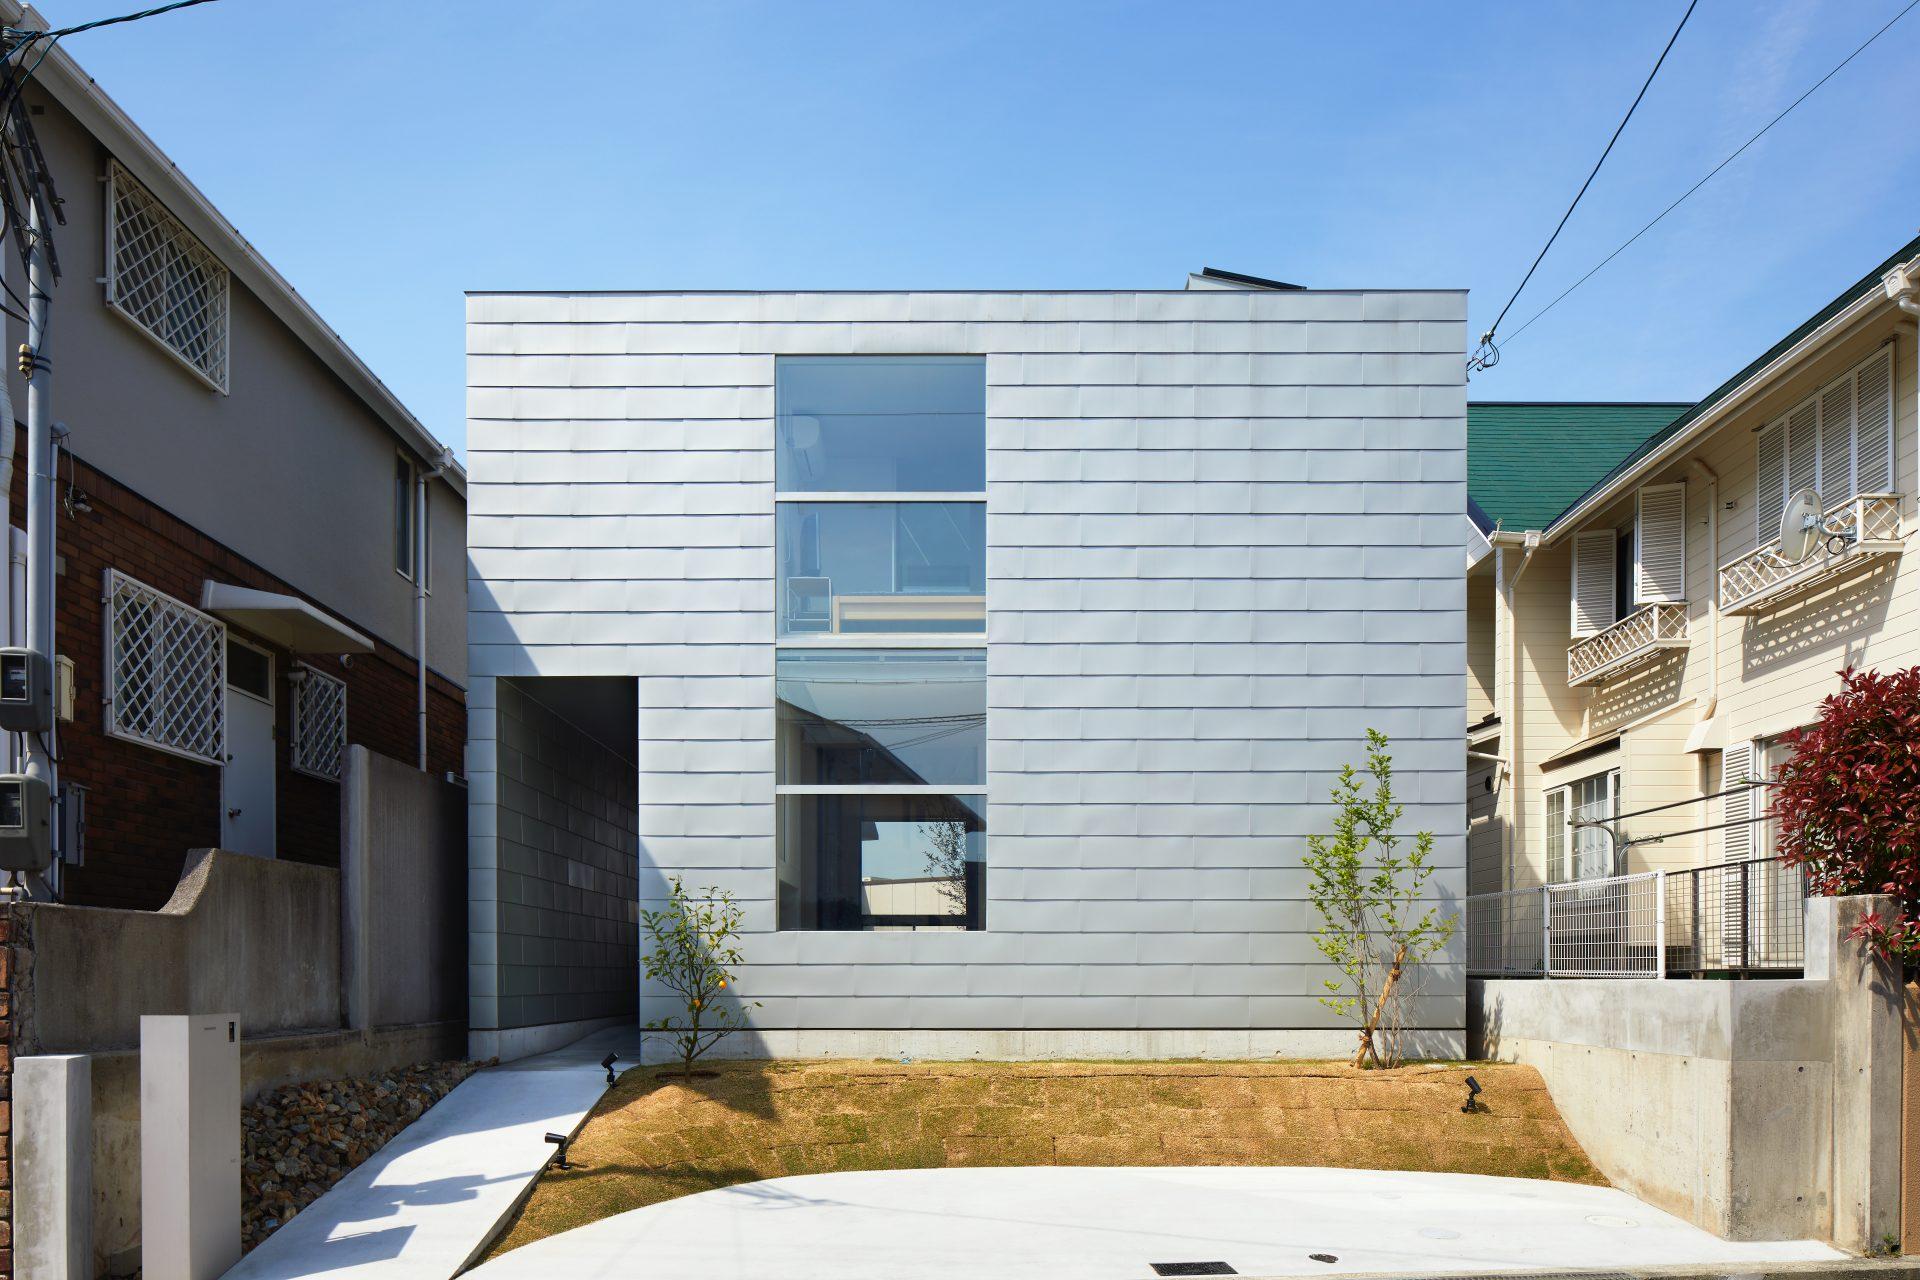 兵庫甲陽園サンルームのある家の外観